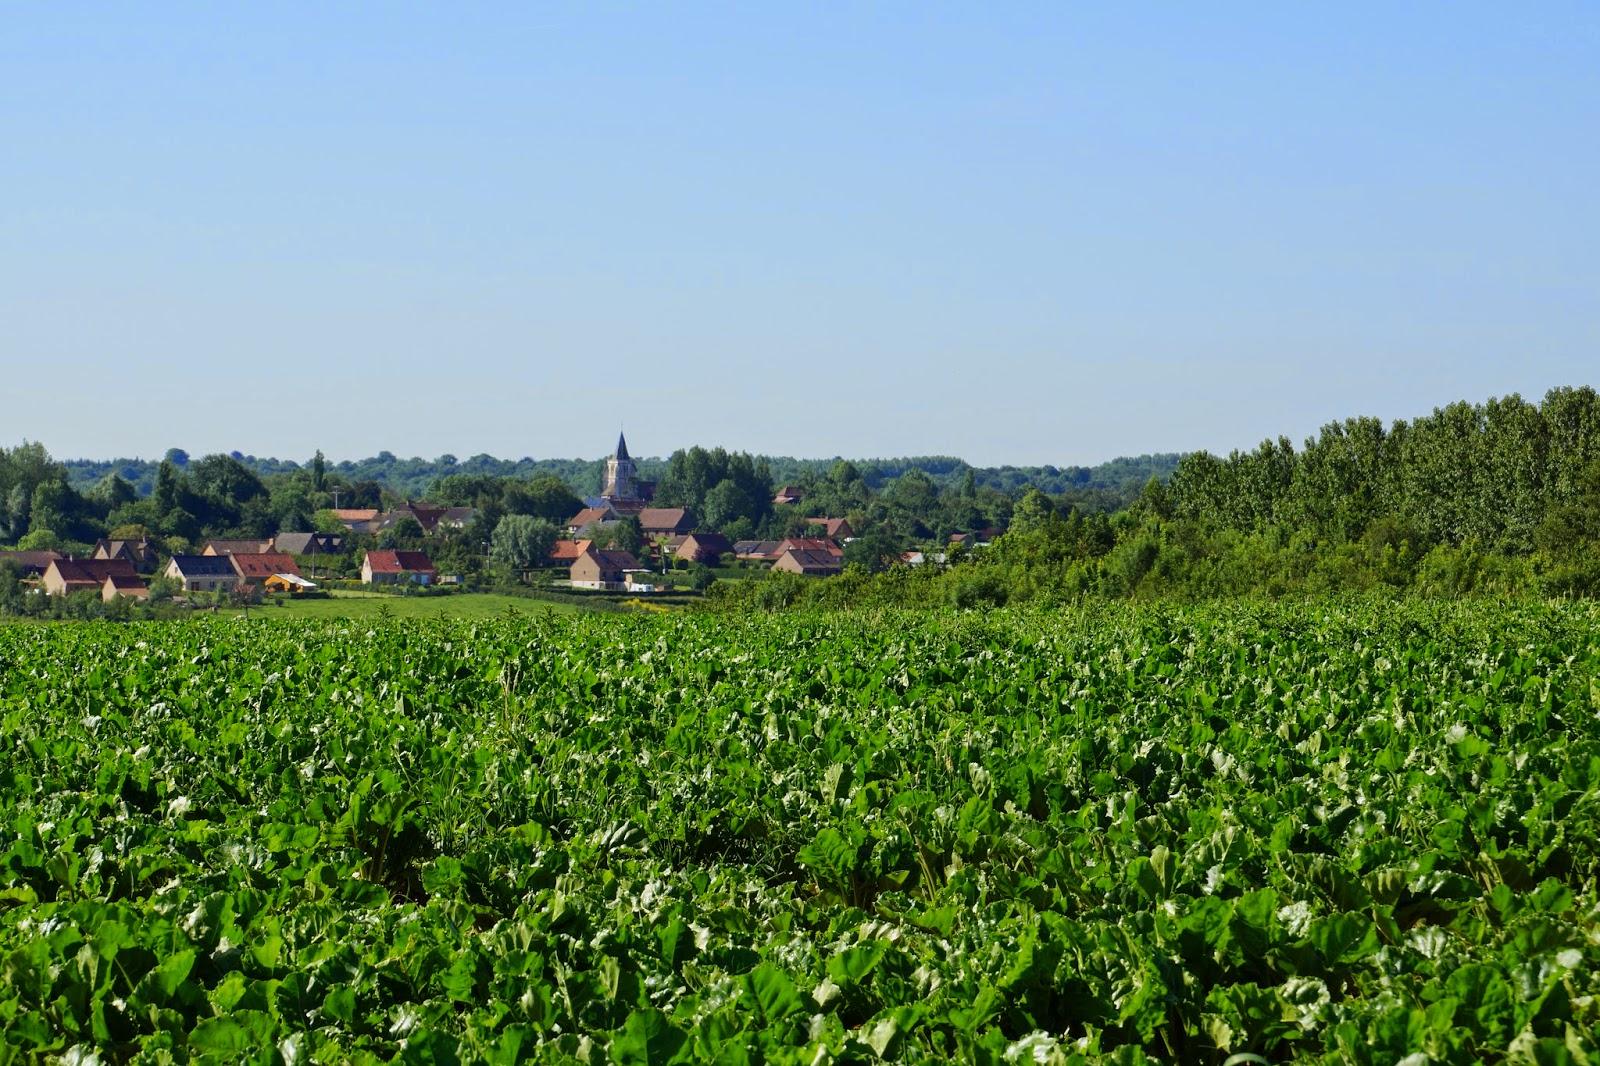 Rando wardrecques 12 juin 2014 la plaine de clety - Culture haricot vert plein champ ...